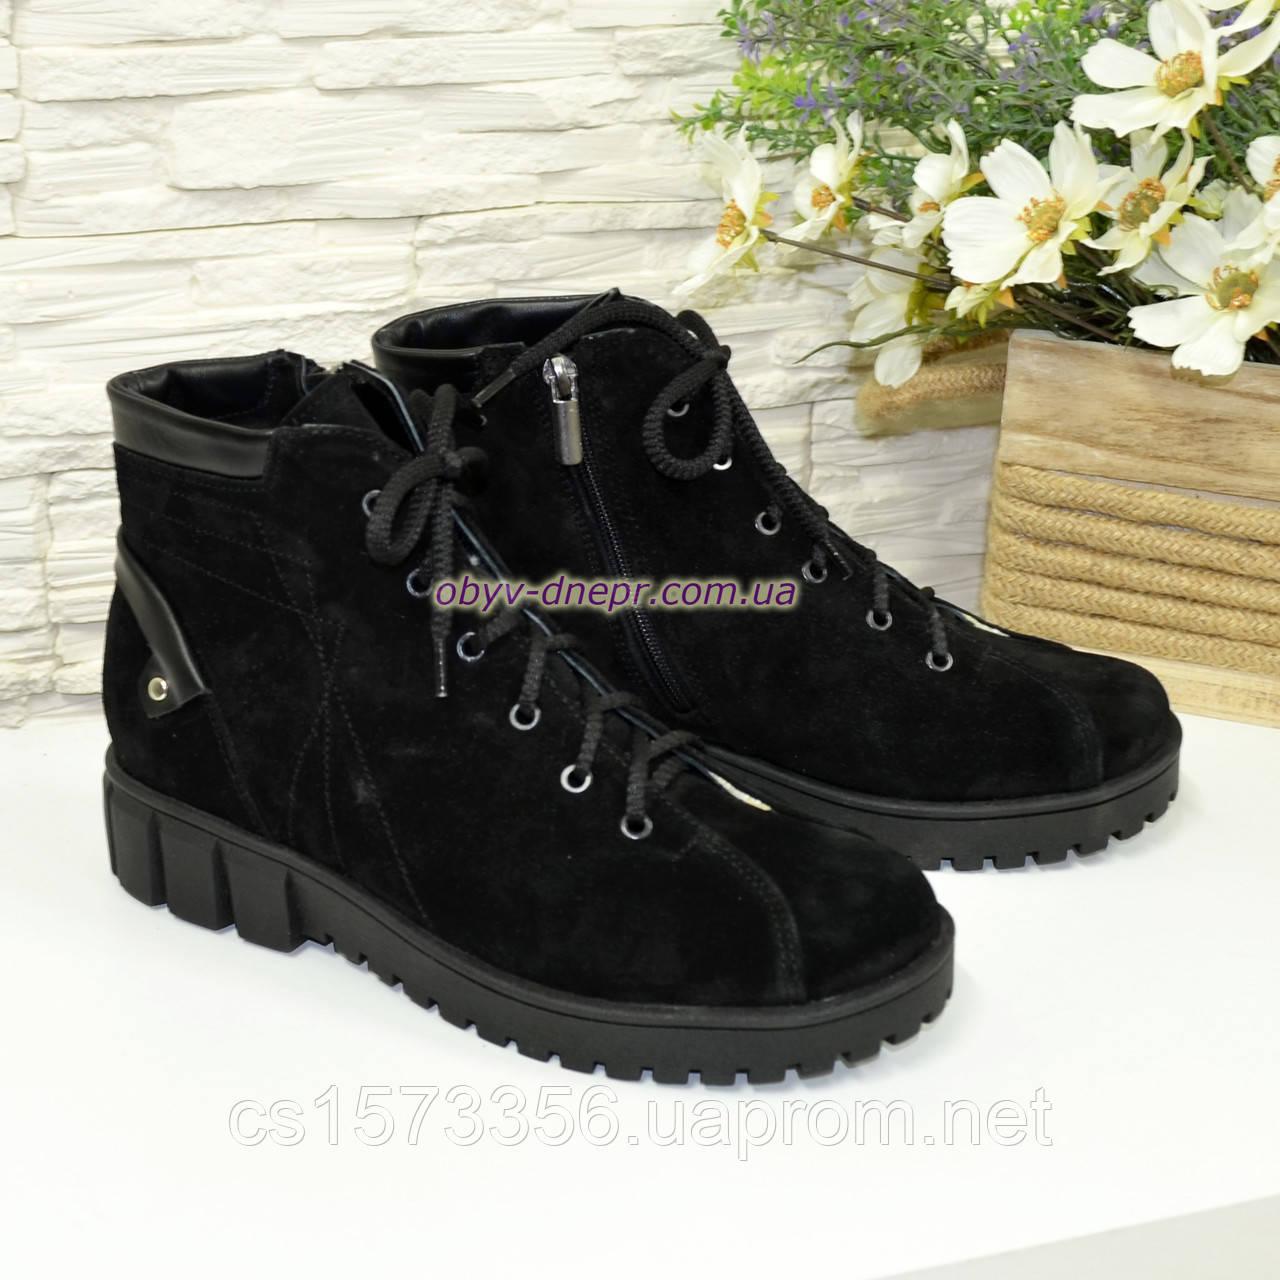 Женские замшевые демисезонные ботинки на утолщенной подошве